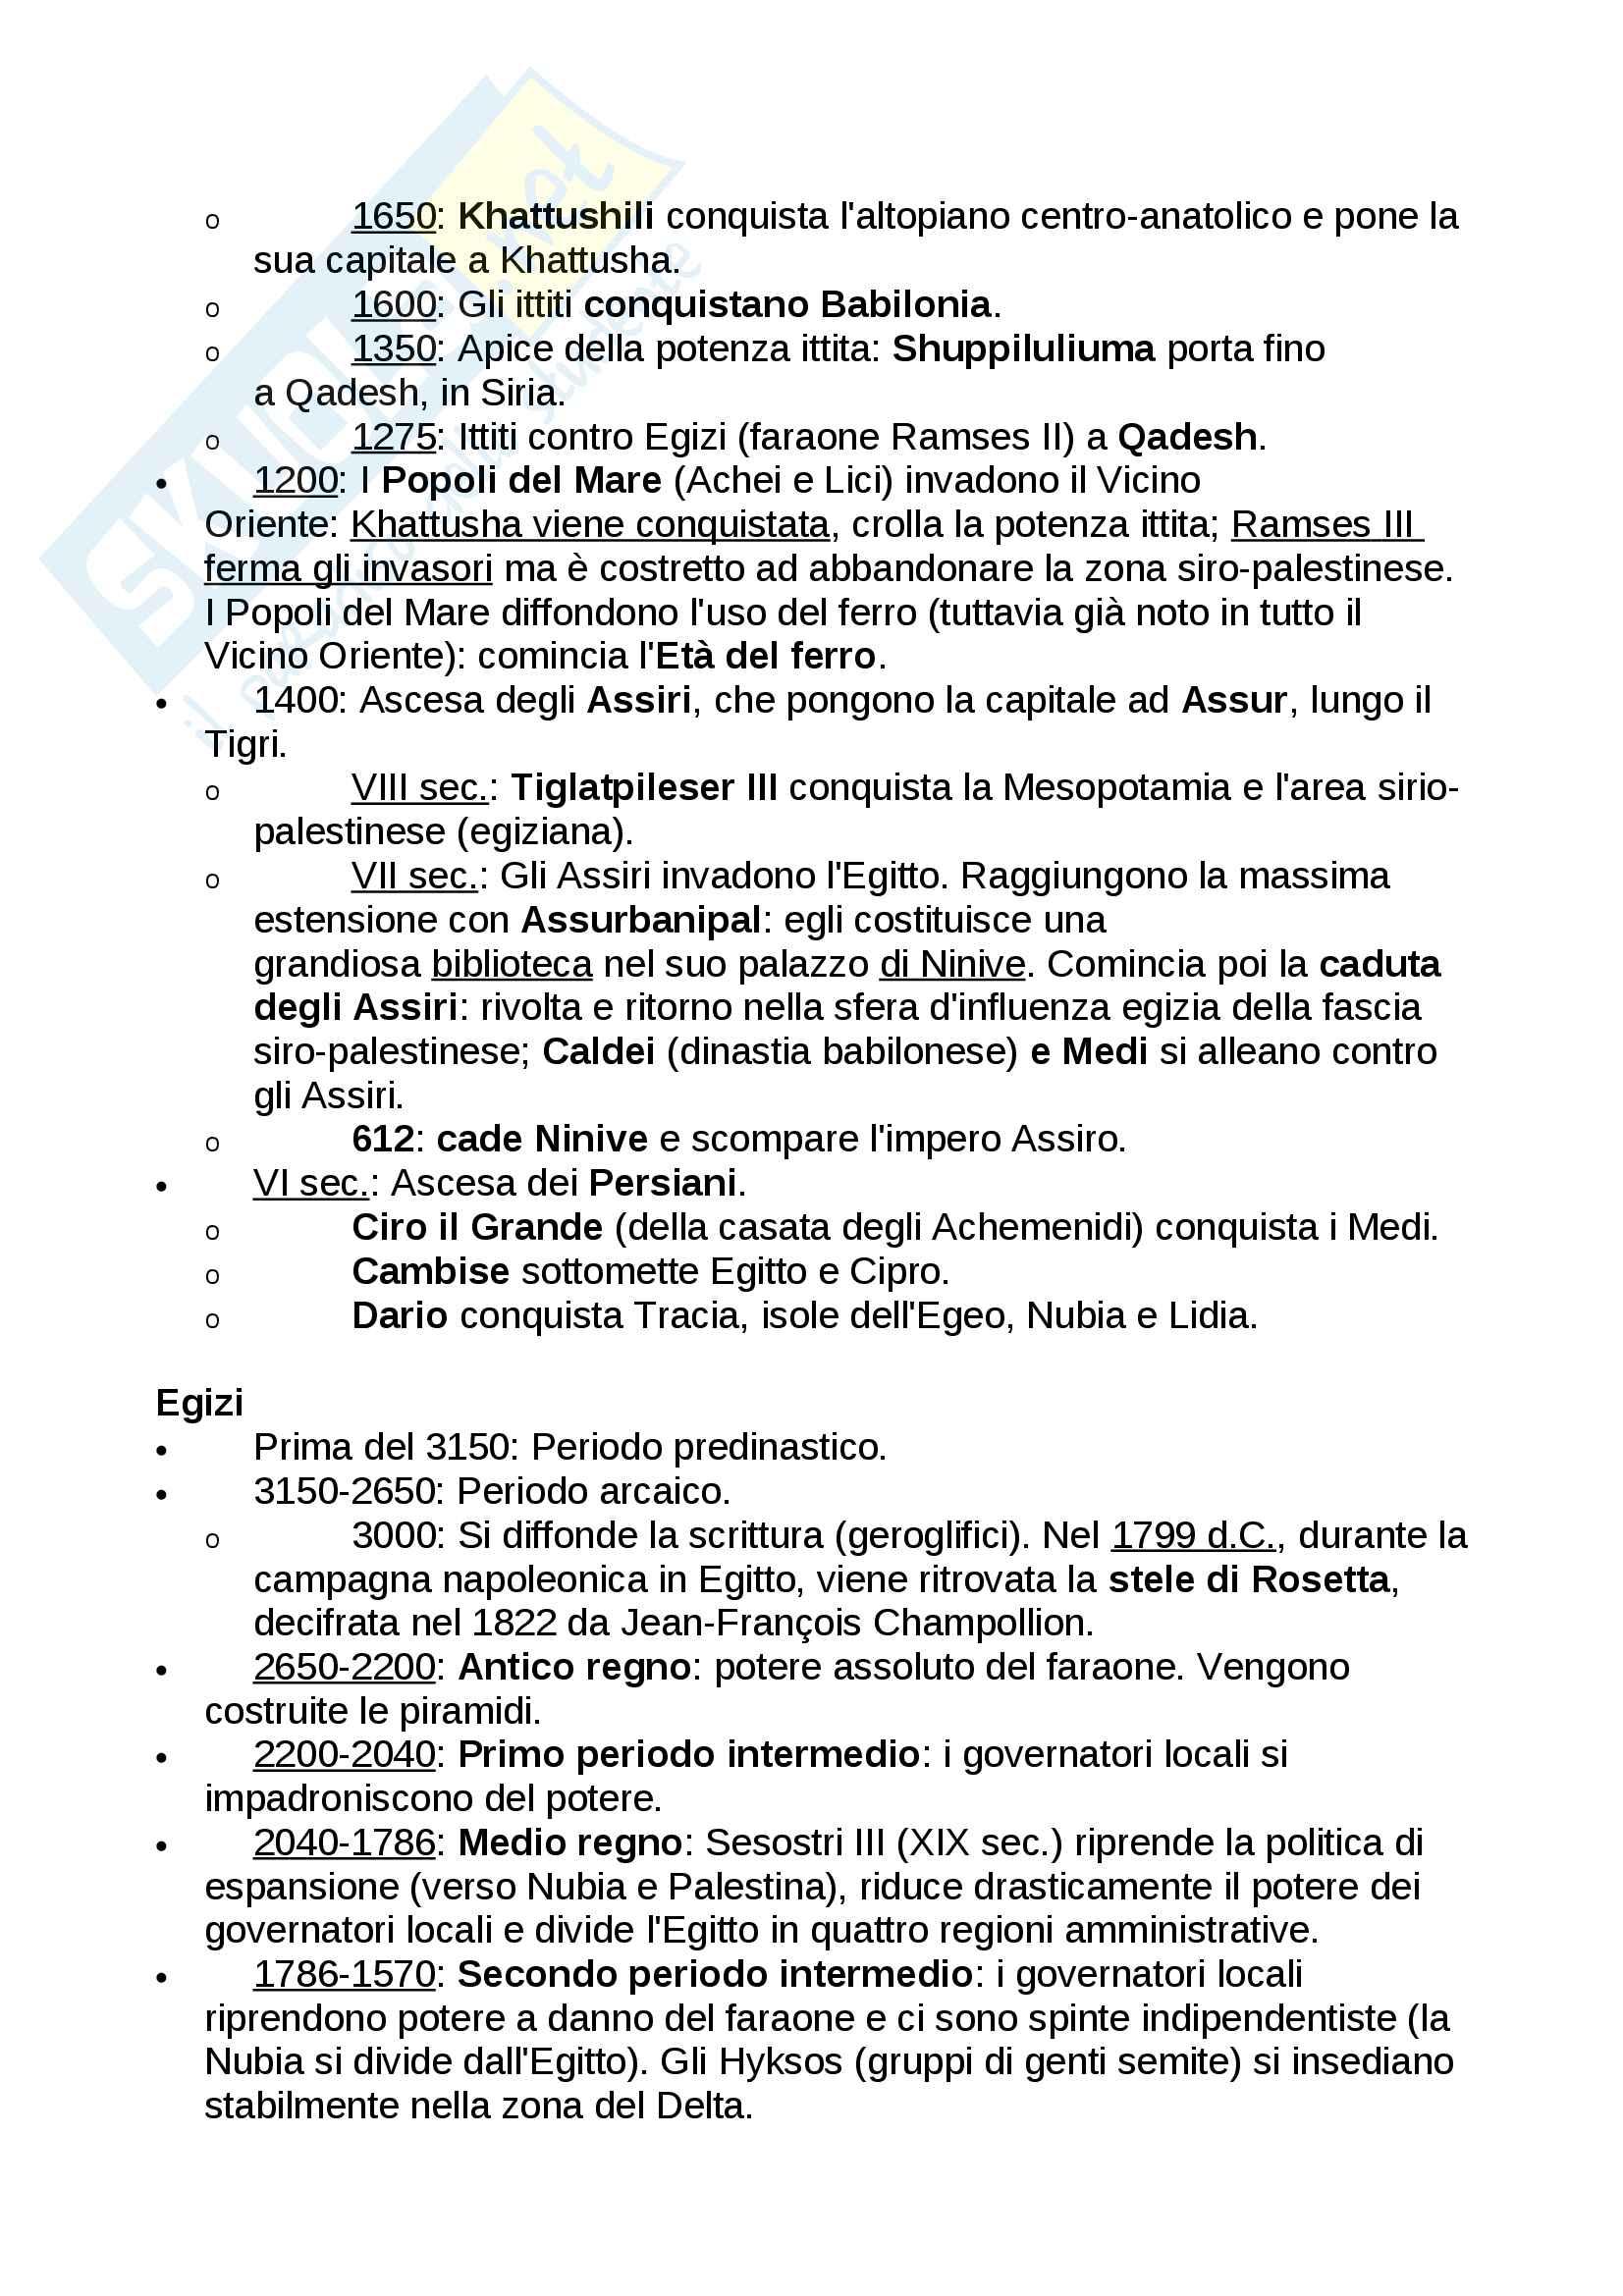 Cronologia della Storia antica (fino alla caduta di Roma) Pag. 2